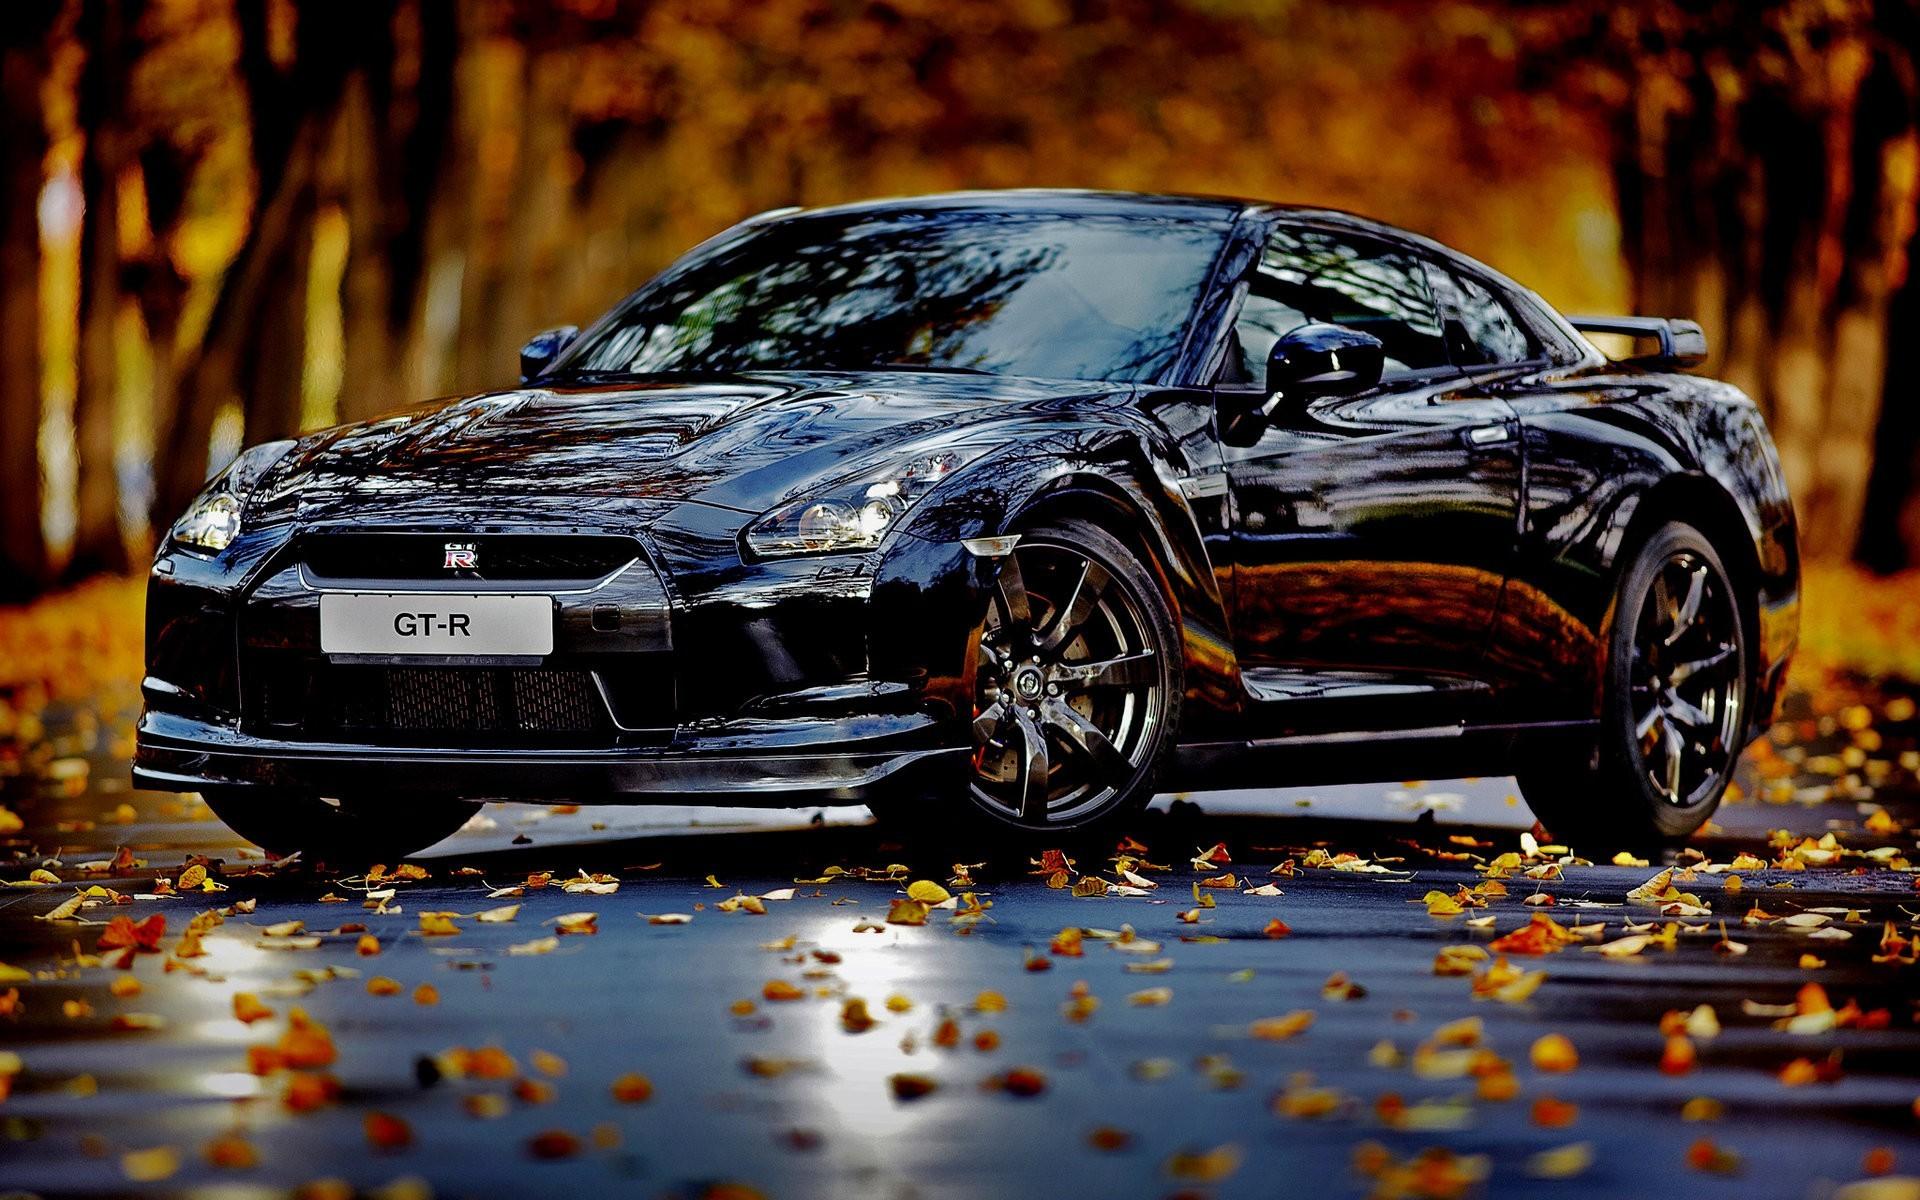 Nissan gtr high definition wallpaper – https://wallautos.com/nissan-